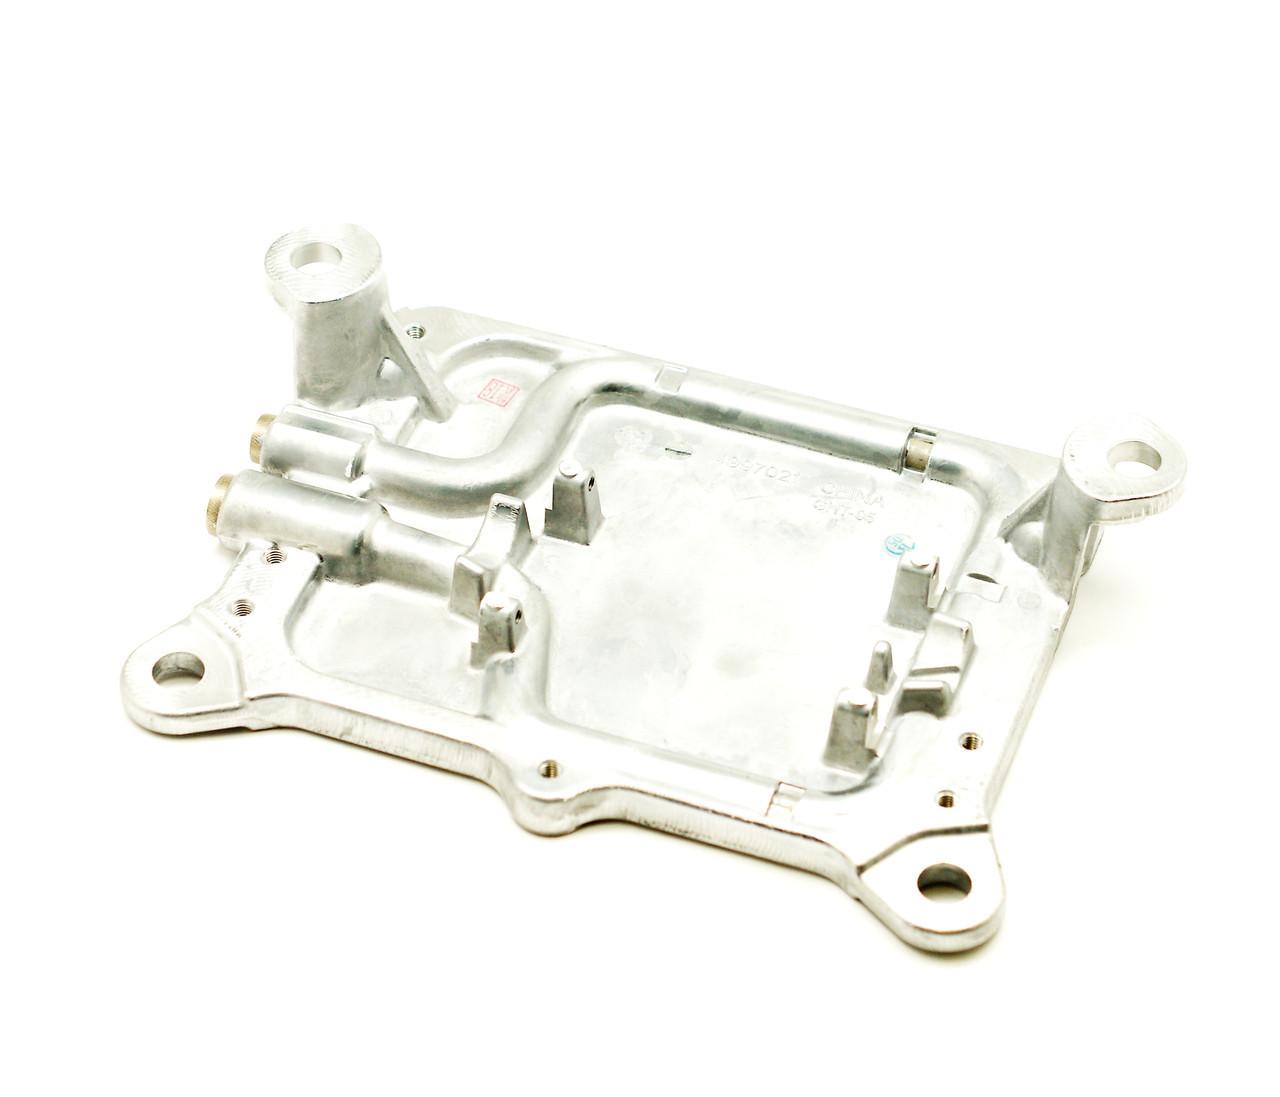 Охладитель блока управления двигателем двигатель ISLe 8.9L 4997021, 3967787, 3950539